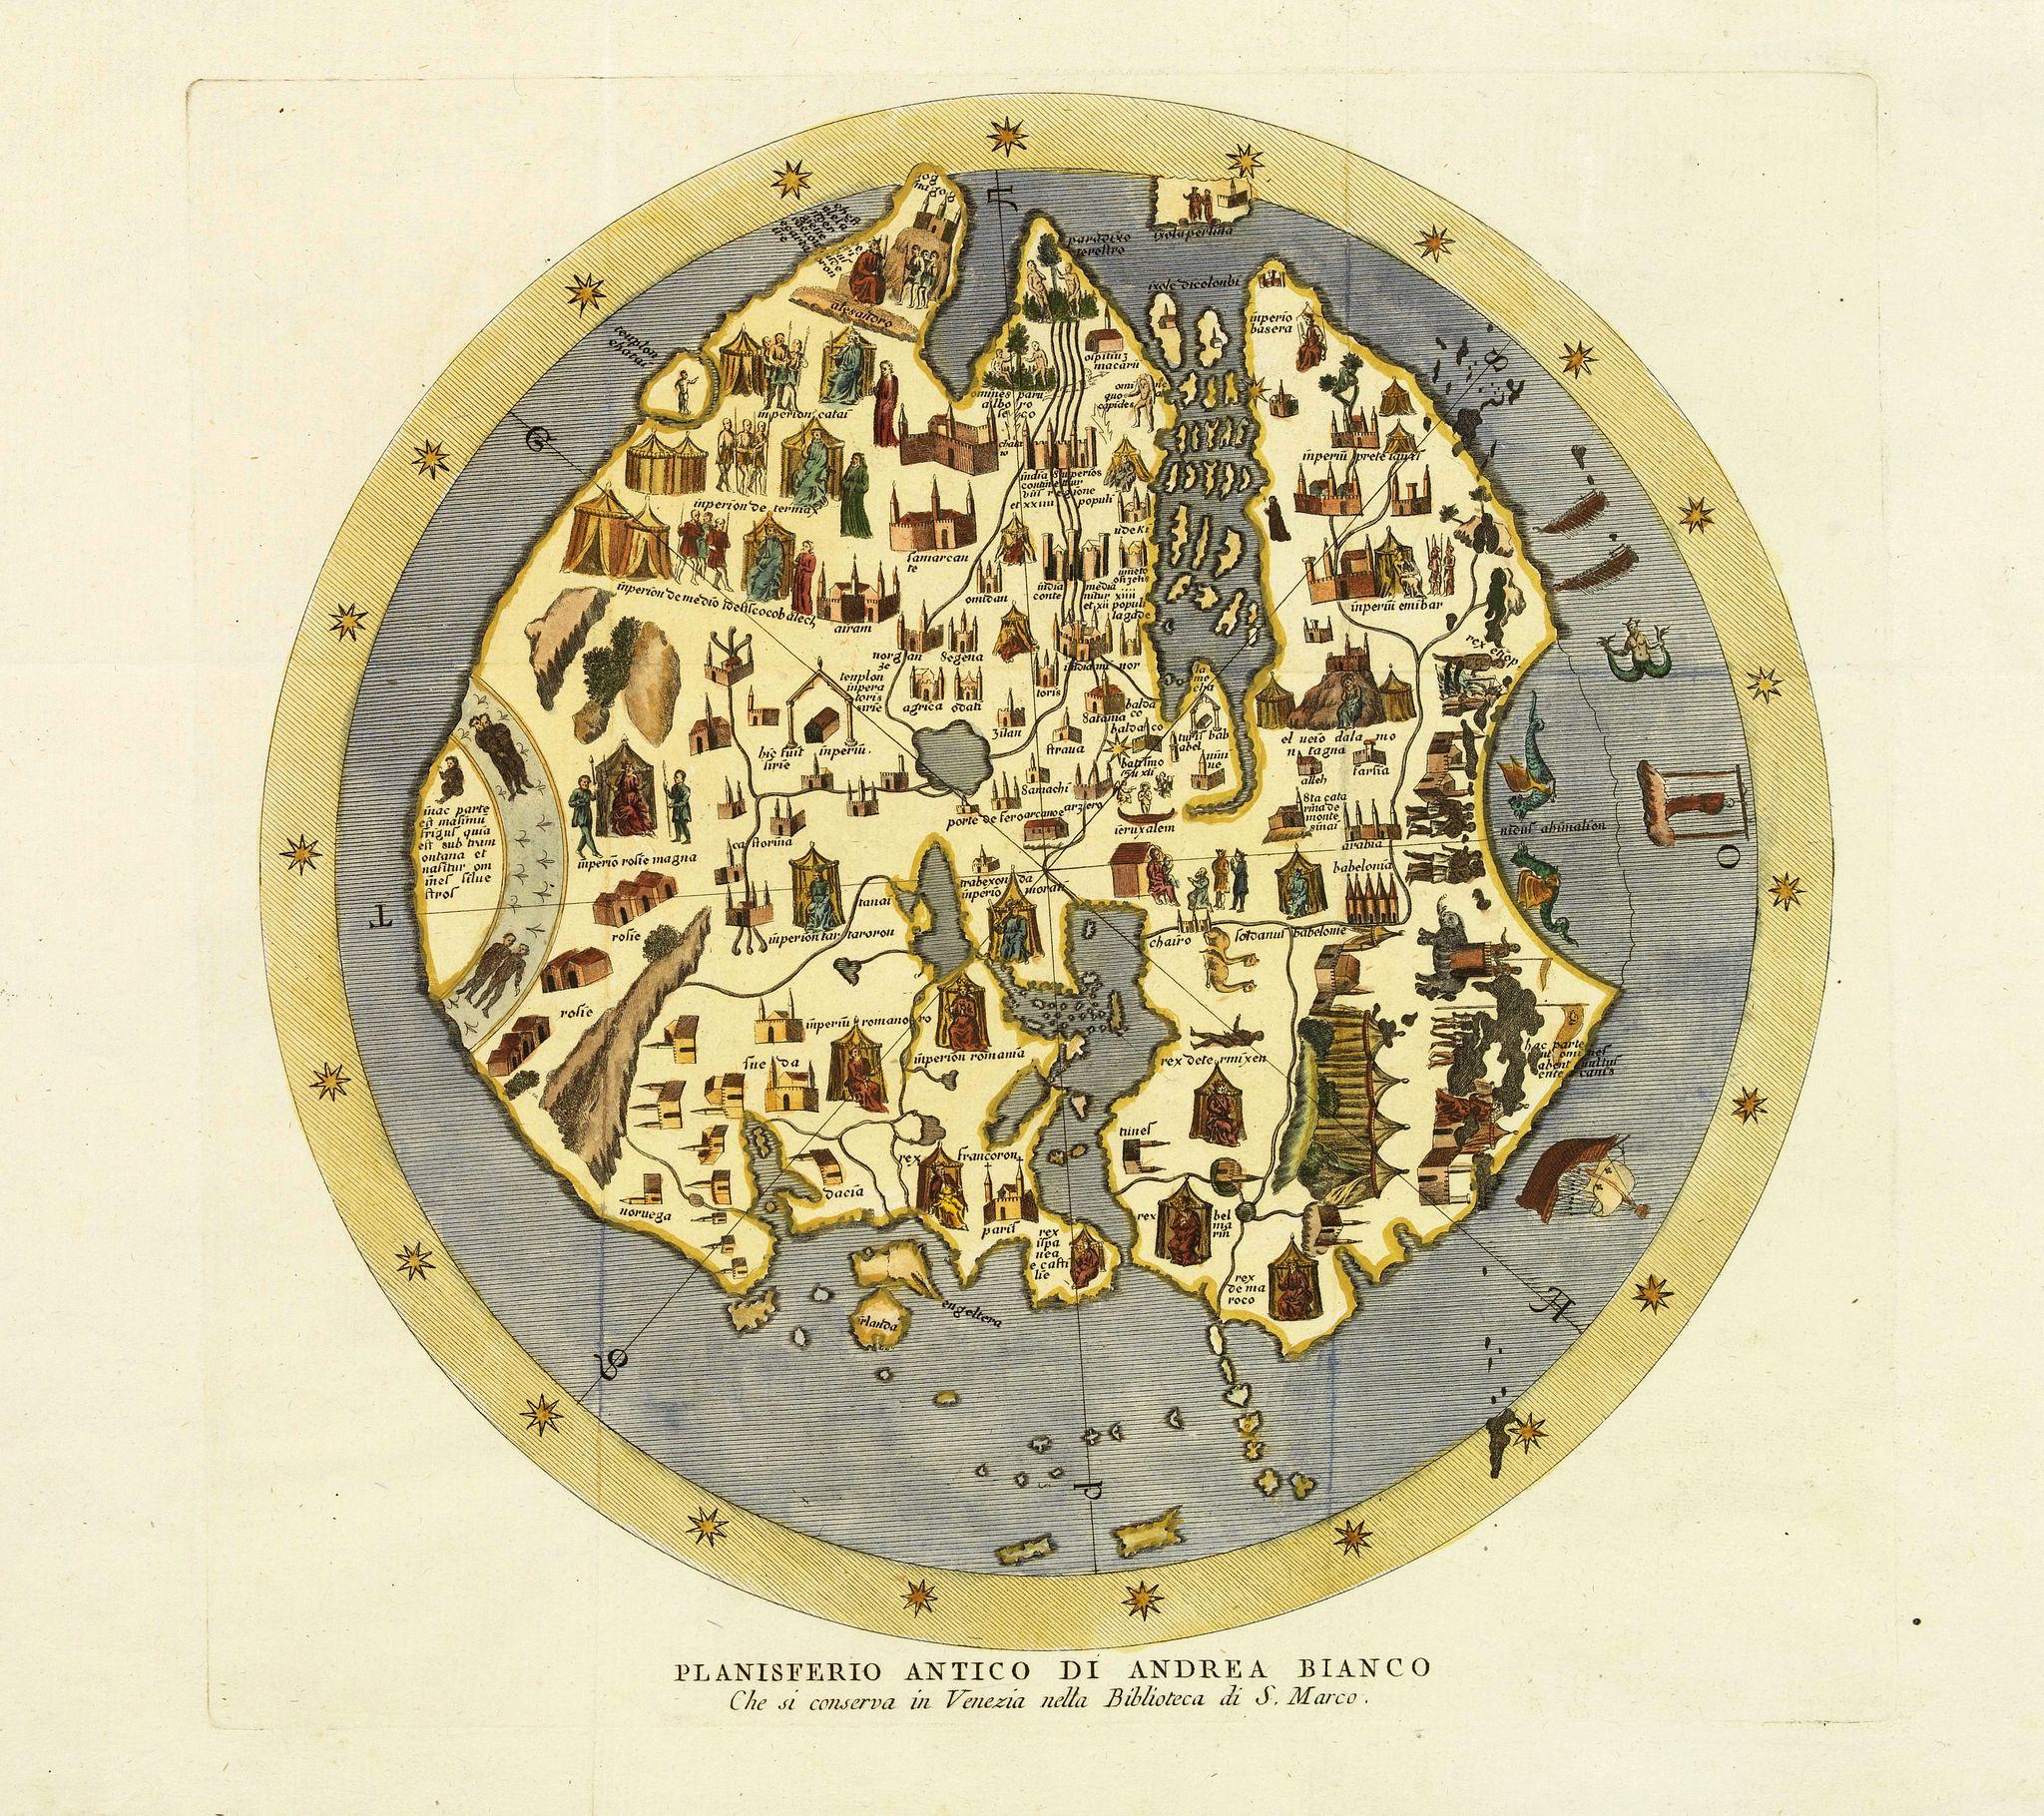 FORMALEONI, V.A. - Planisfero Antico di Andrea Bianco Che si conserva in Venezia nella Biblioteca di S. Marco.